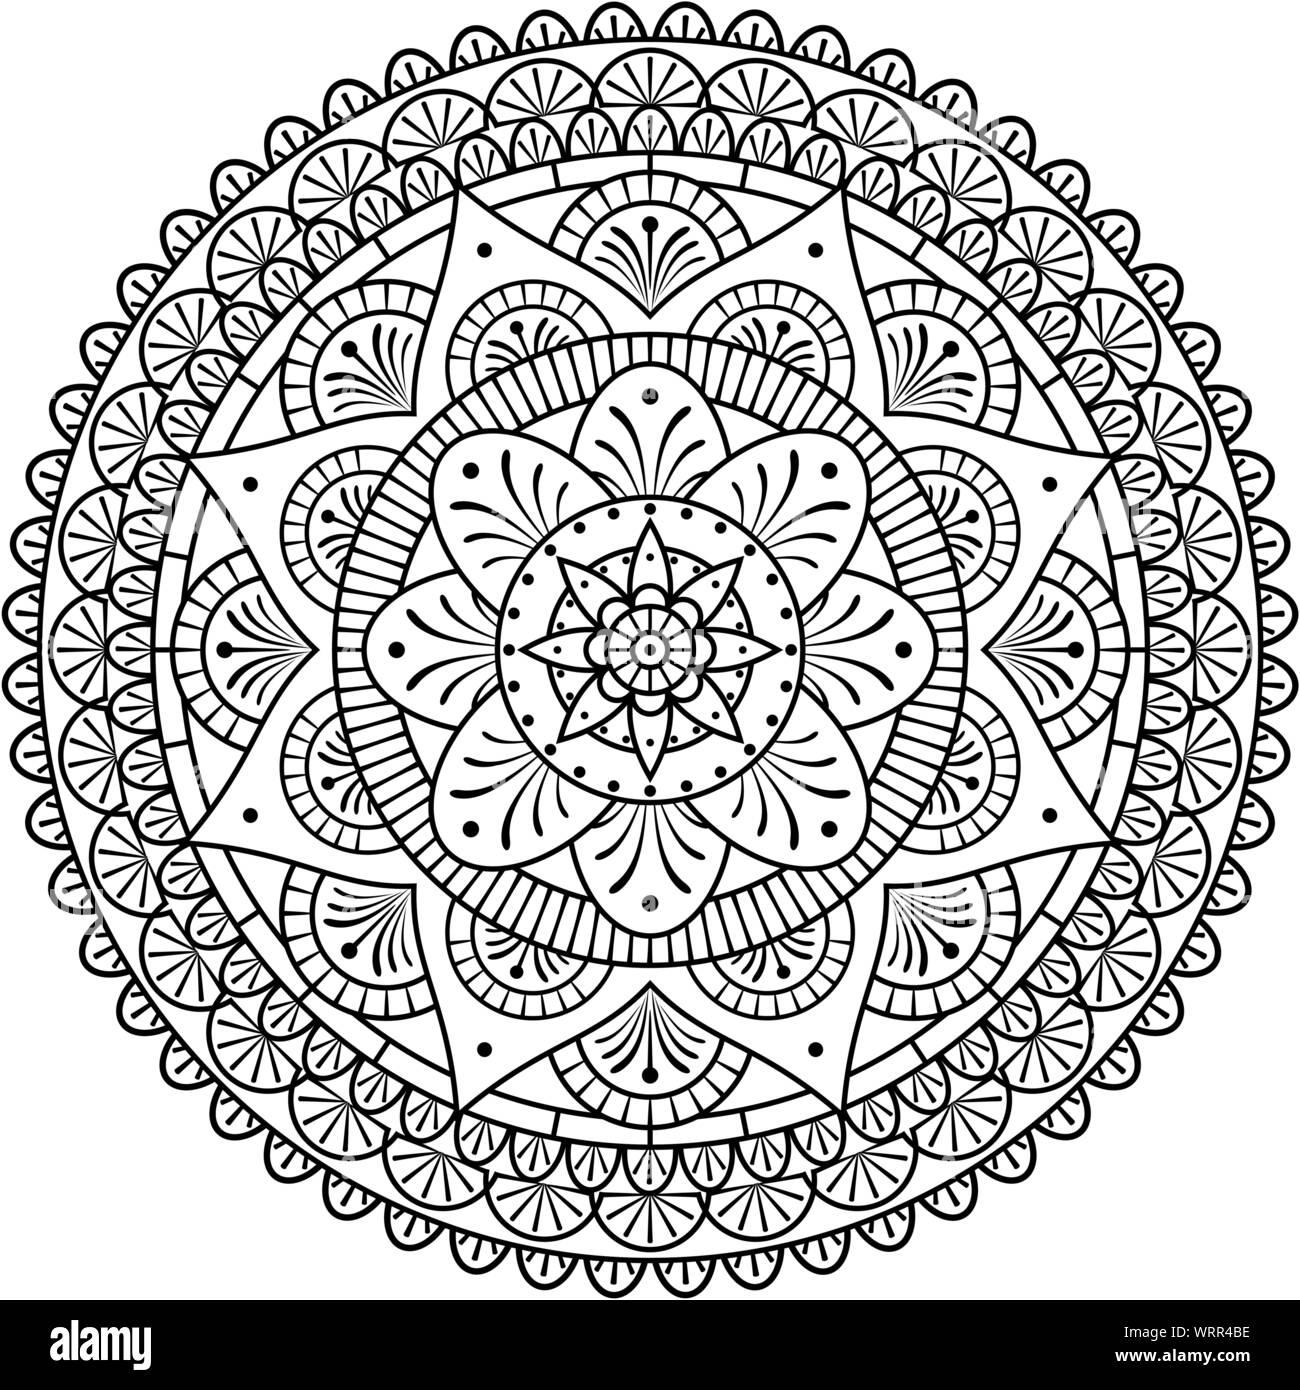 Mandala Art Design Vector